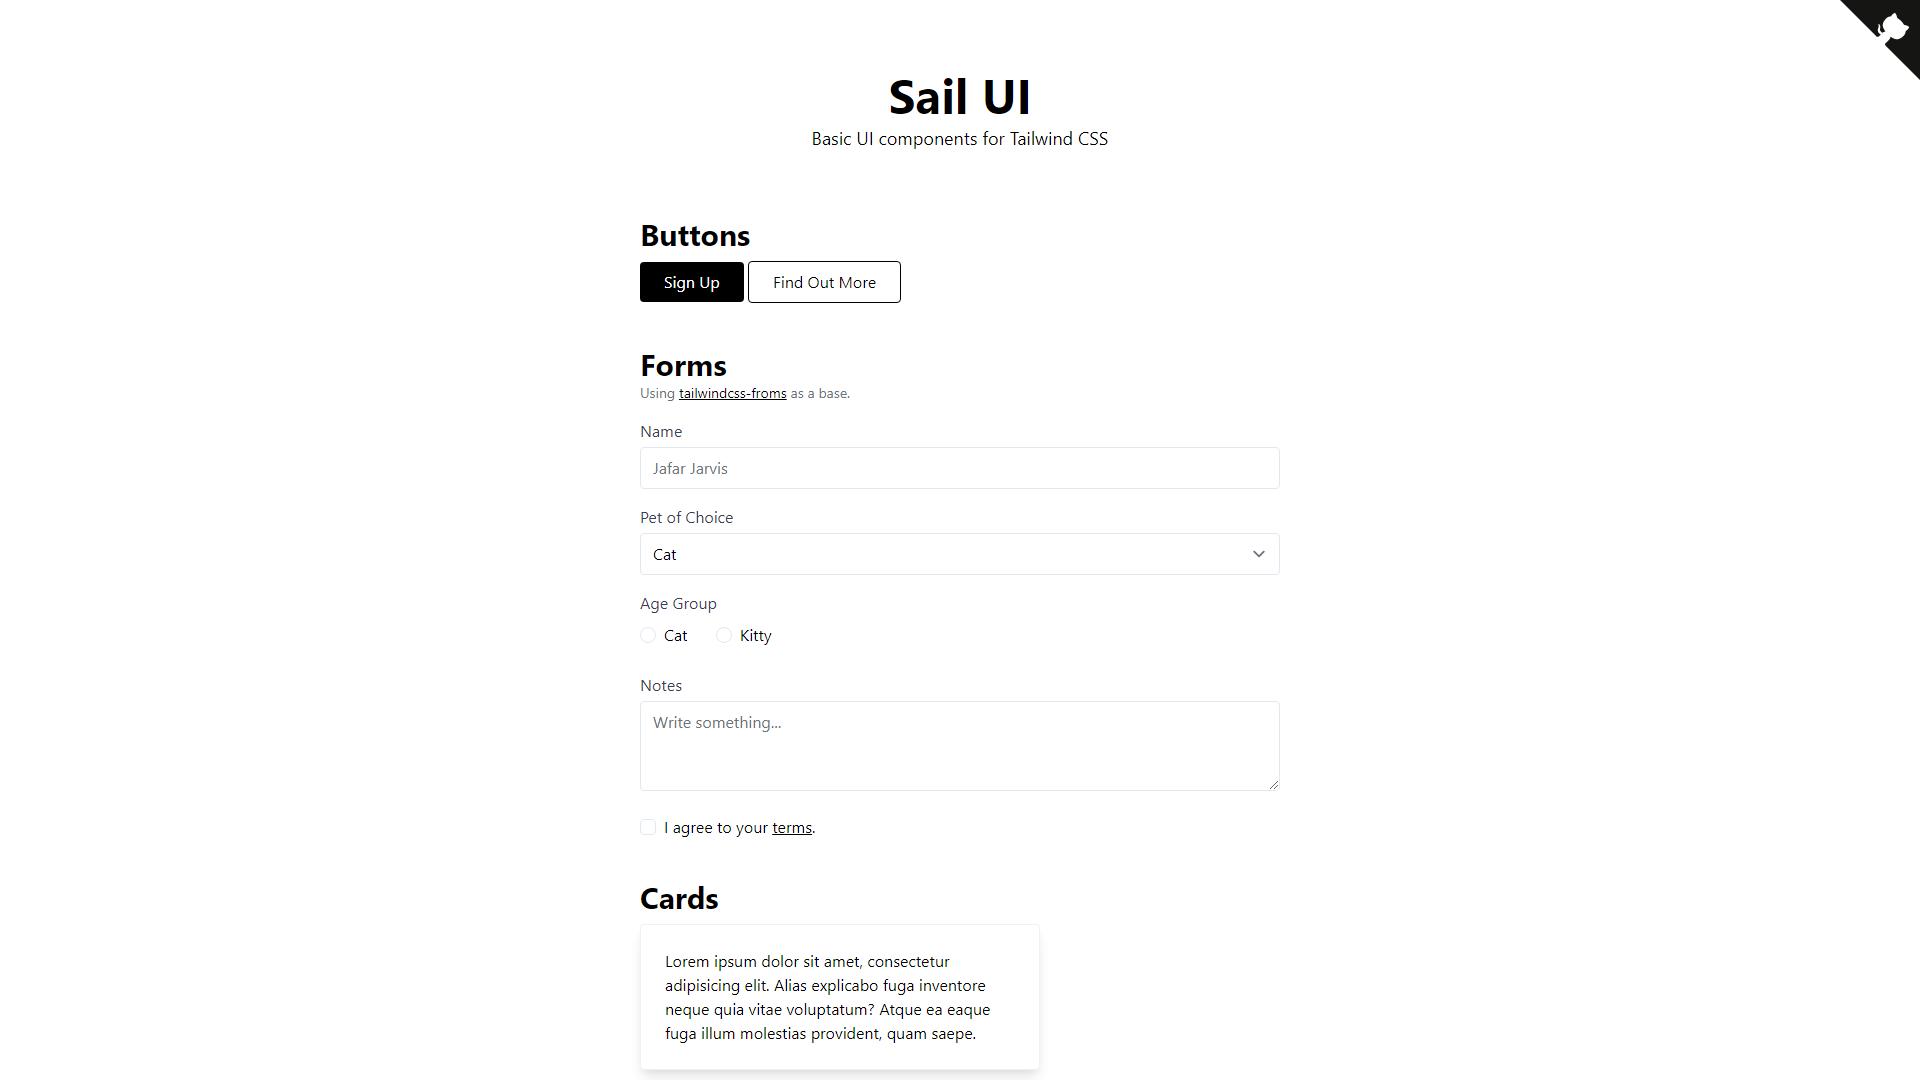 Sail UI